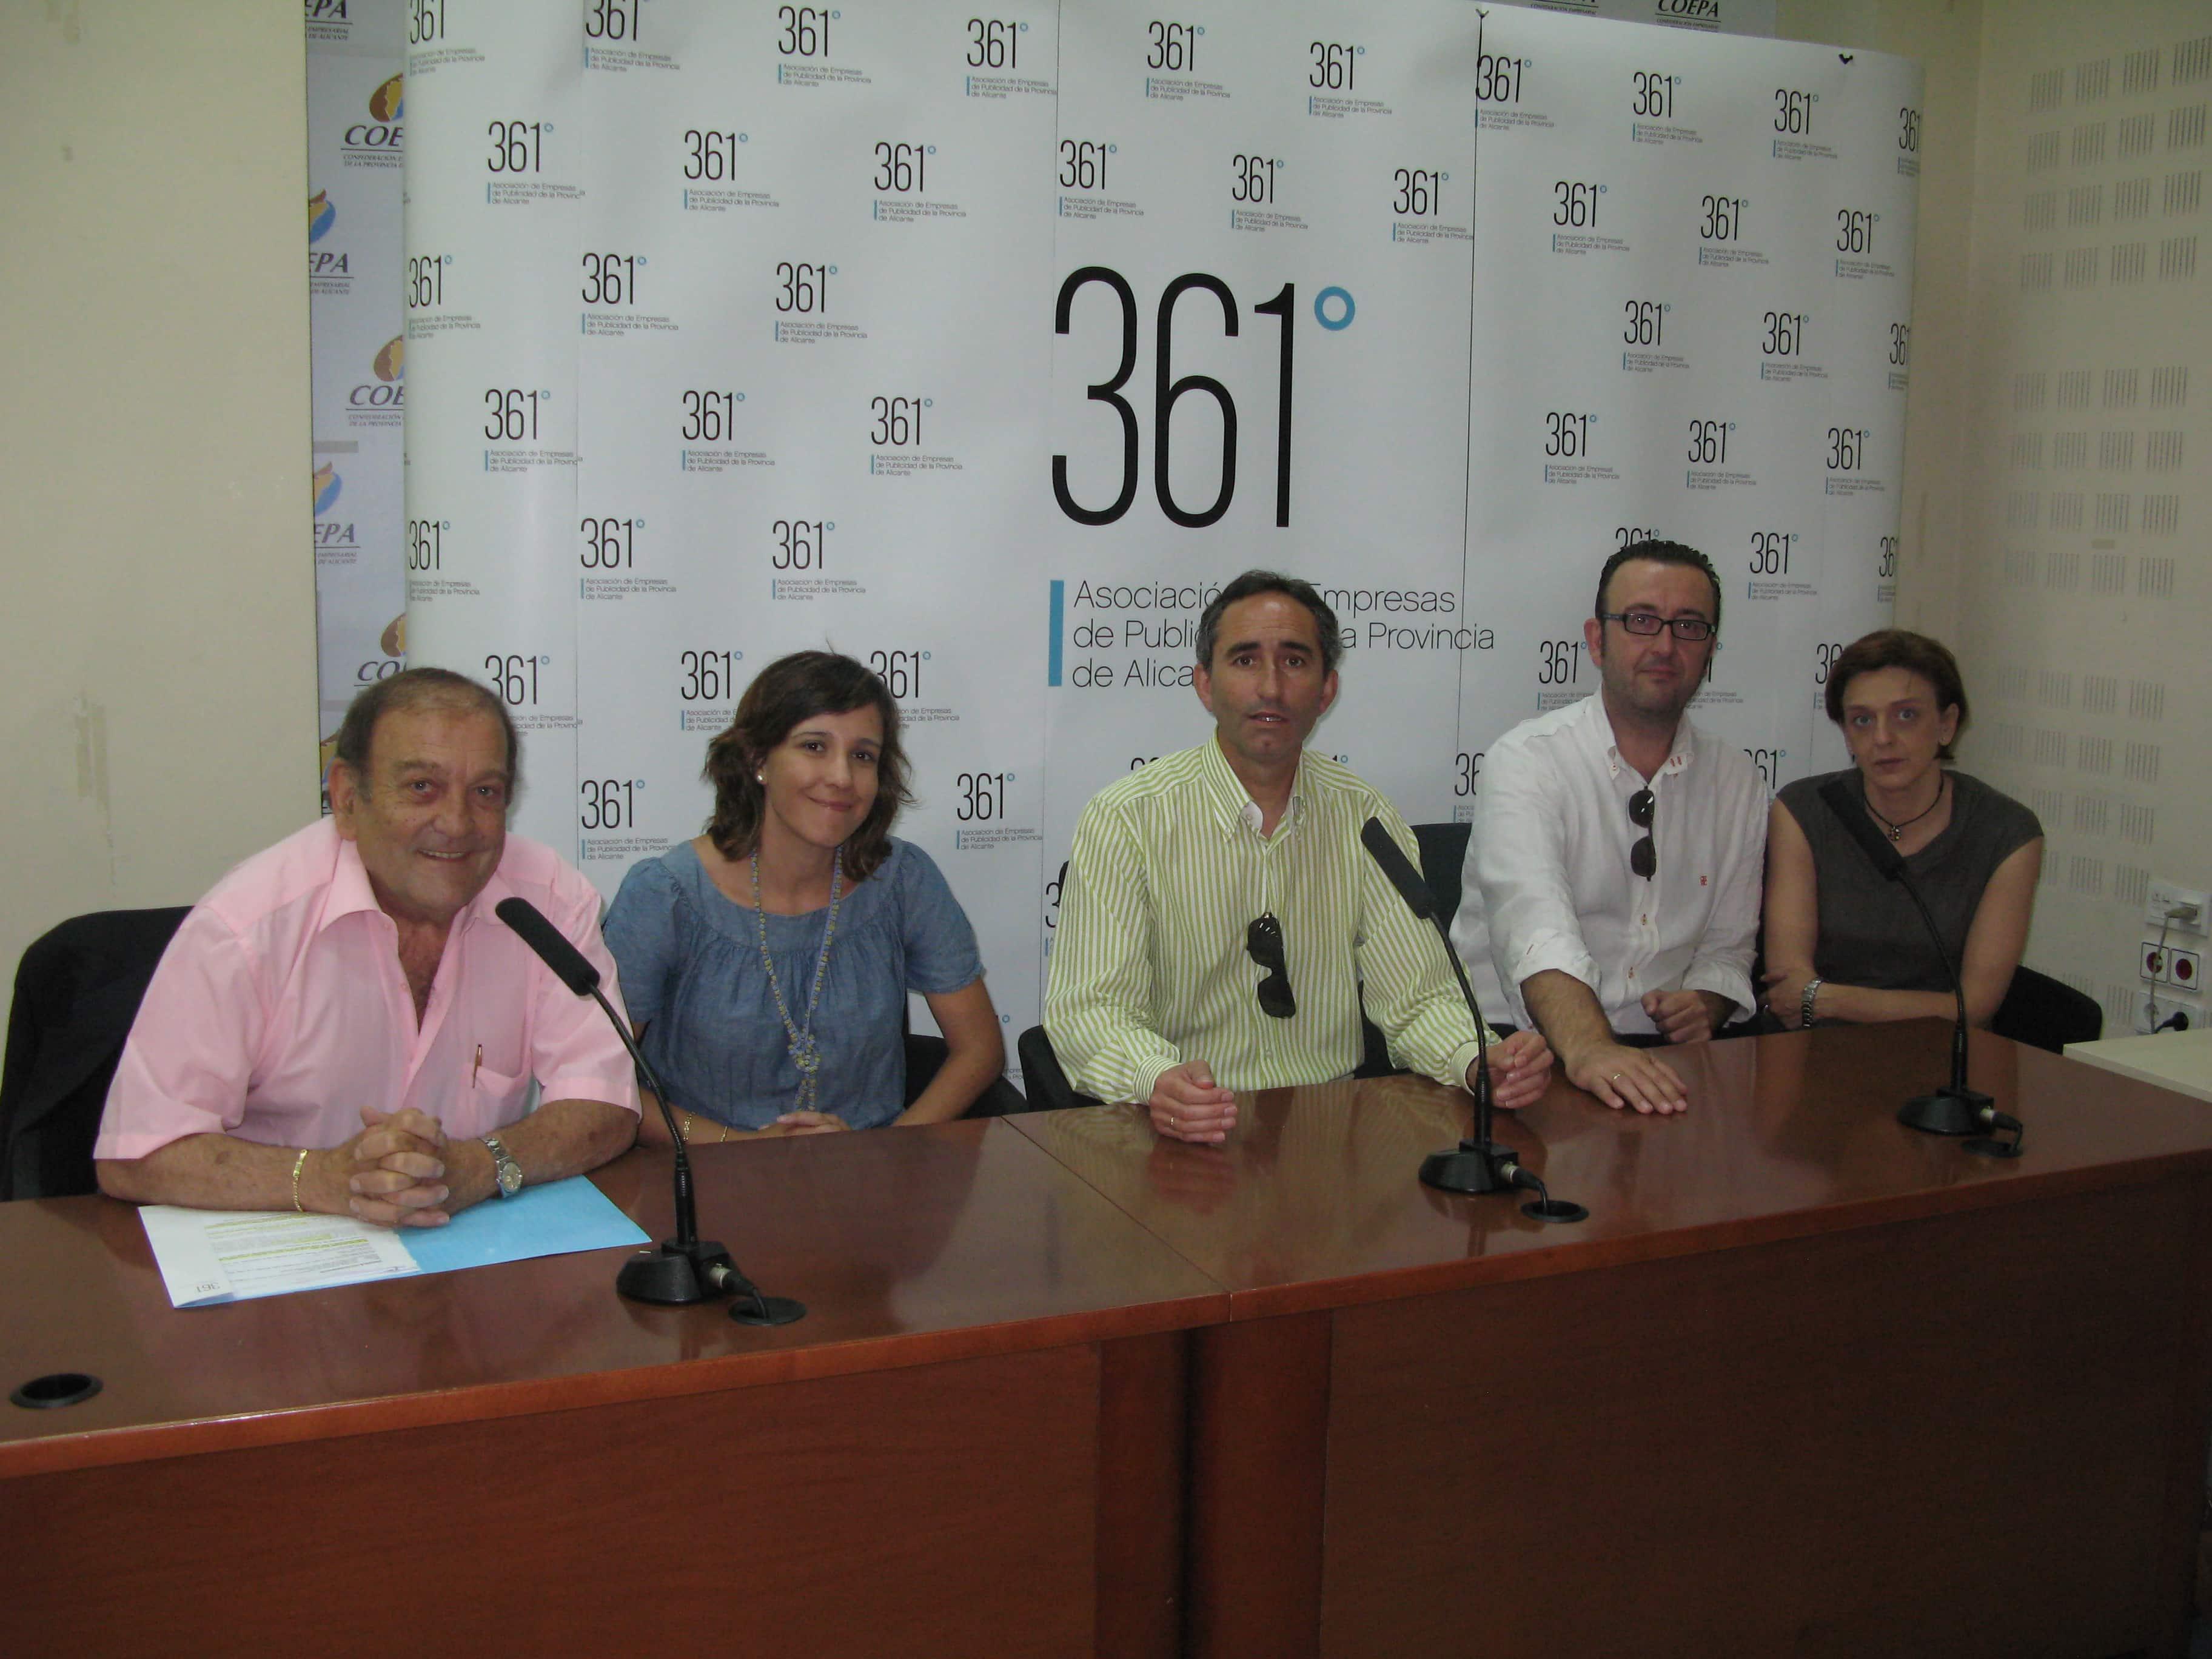 La publicidad alicantina estrena marca, asociación 361º